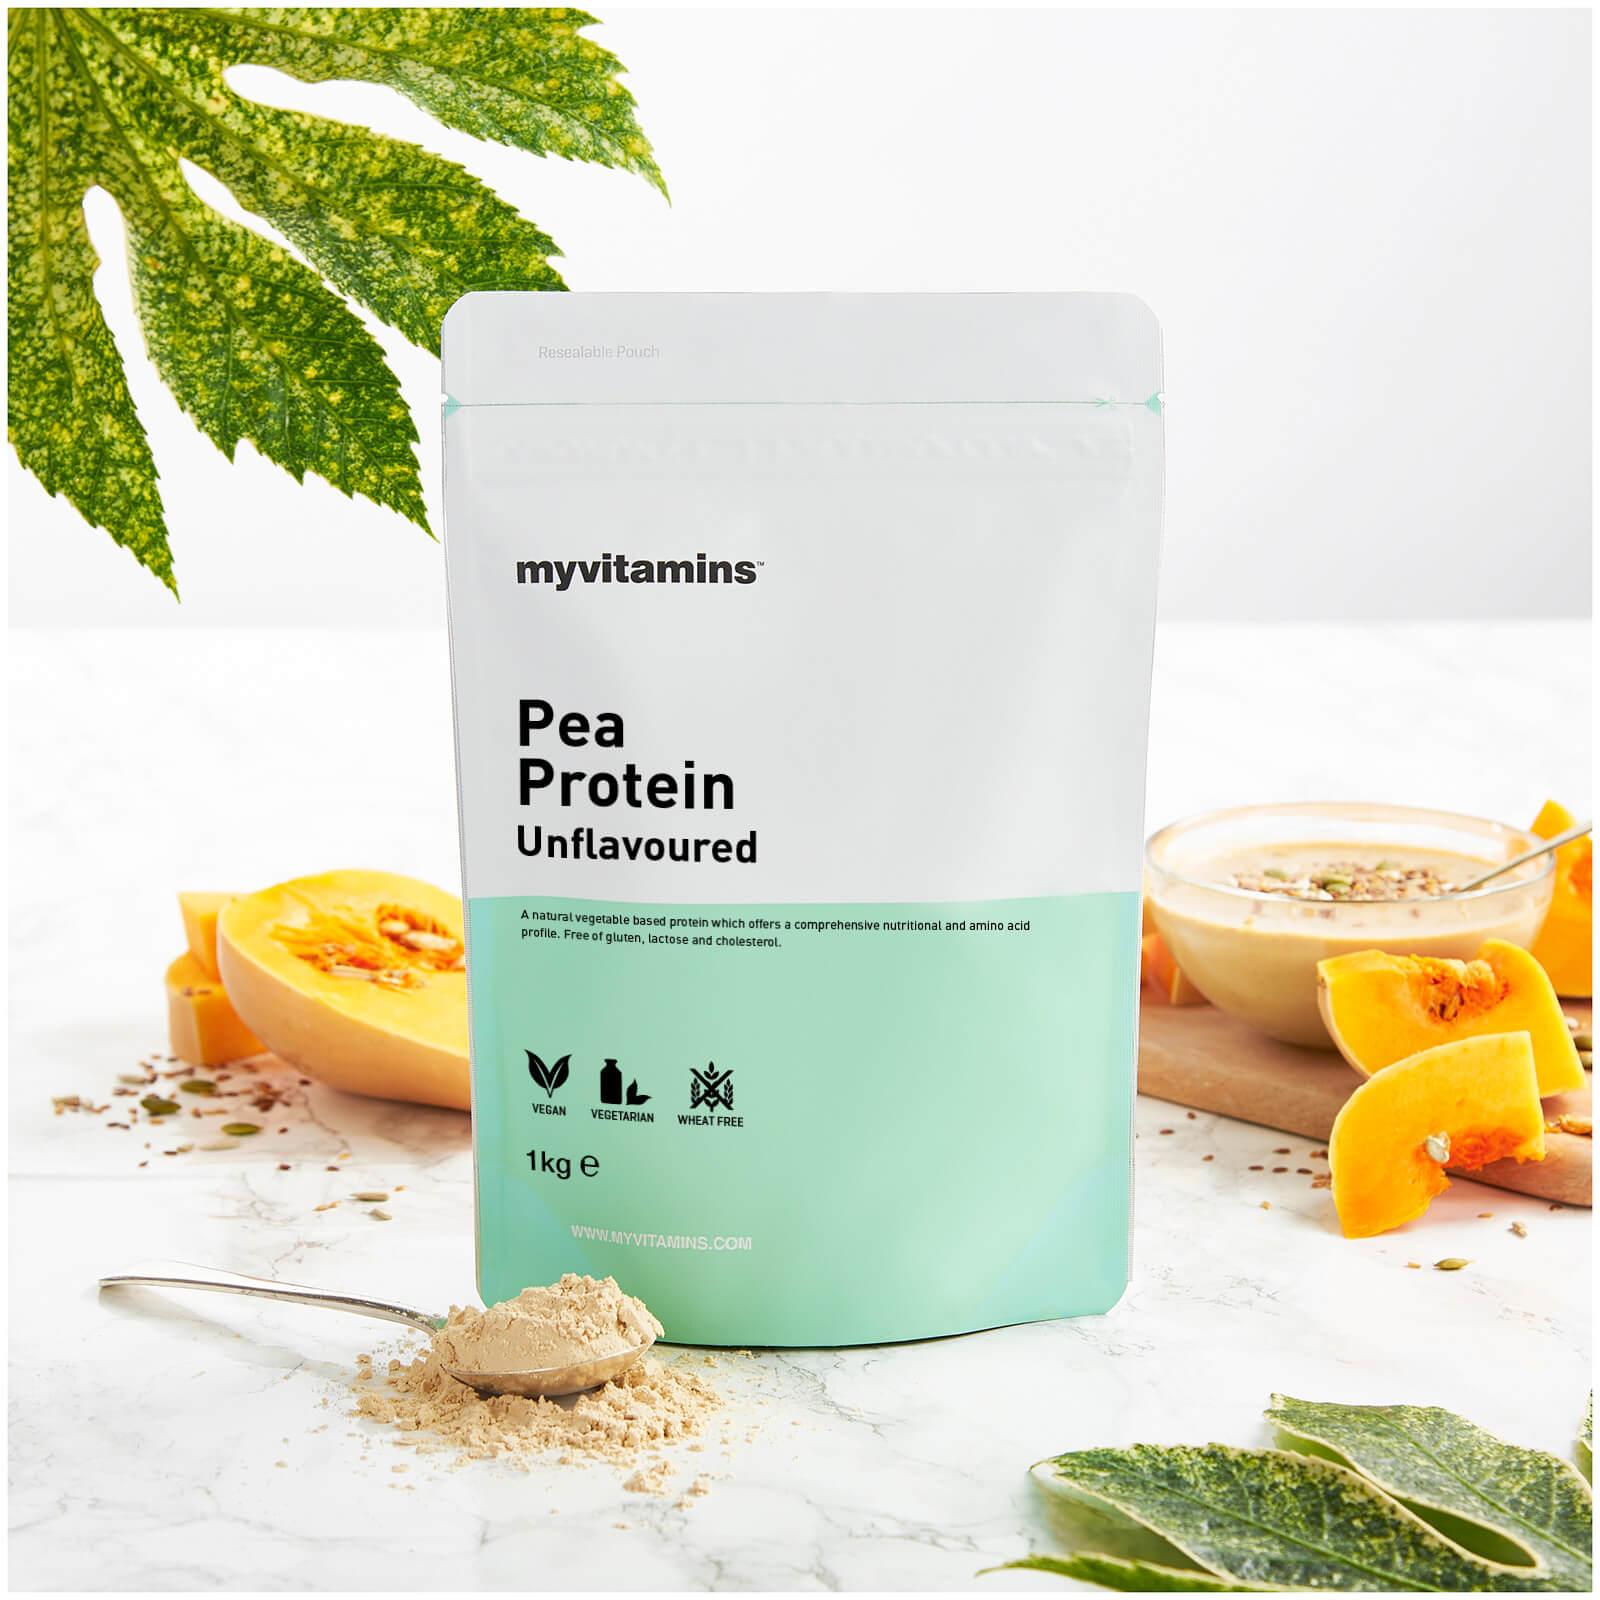 55% auf die Fitness-Kategorie bei Myvitamins: z.B. je 1kg Erbsenprotein, Sojaprotein, Reisprotein & Bio-Hanfsamen für 26,76€